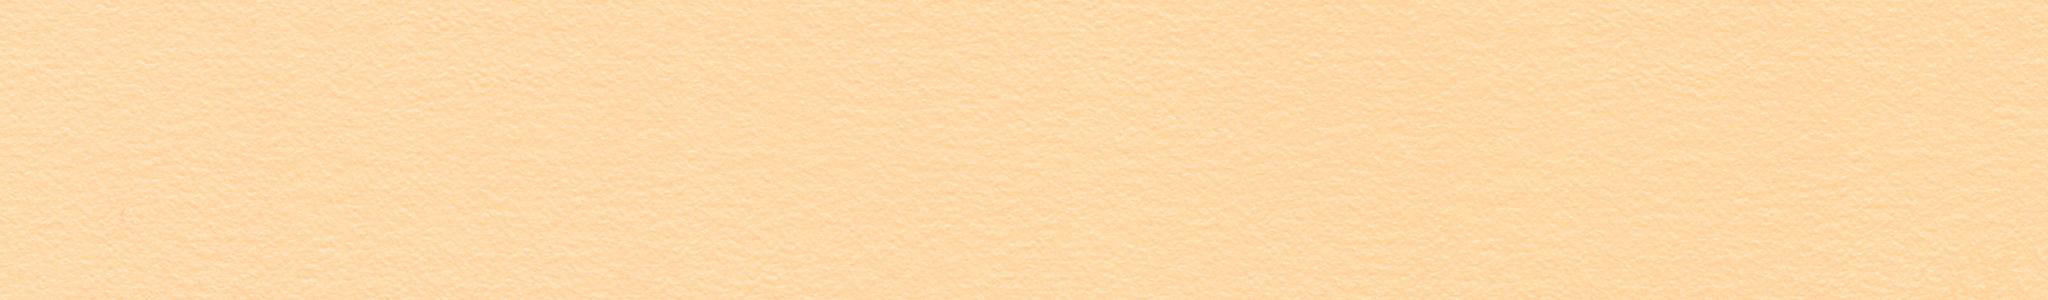 HU 140437 ABS Edge Orange Soft Pearl 107